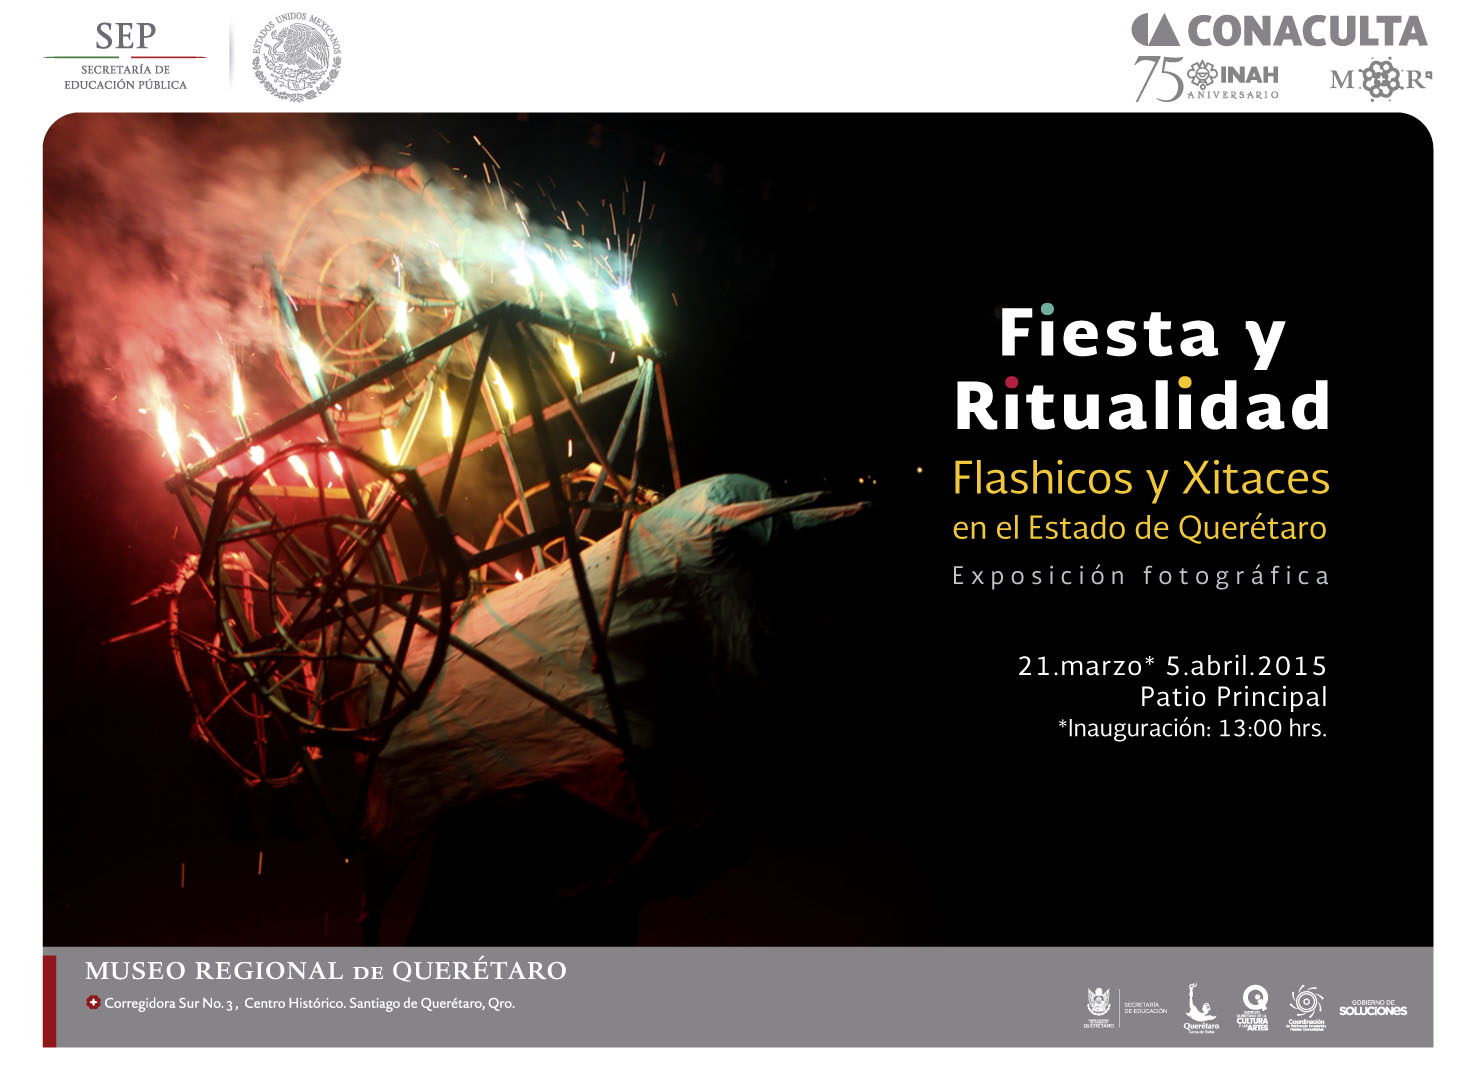 Exposición Fotográfica: Fiesta y Ritualidad